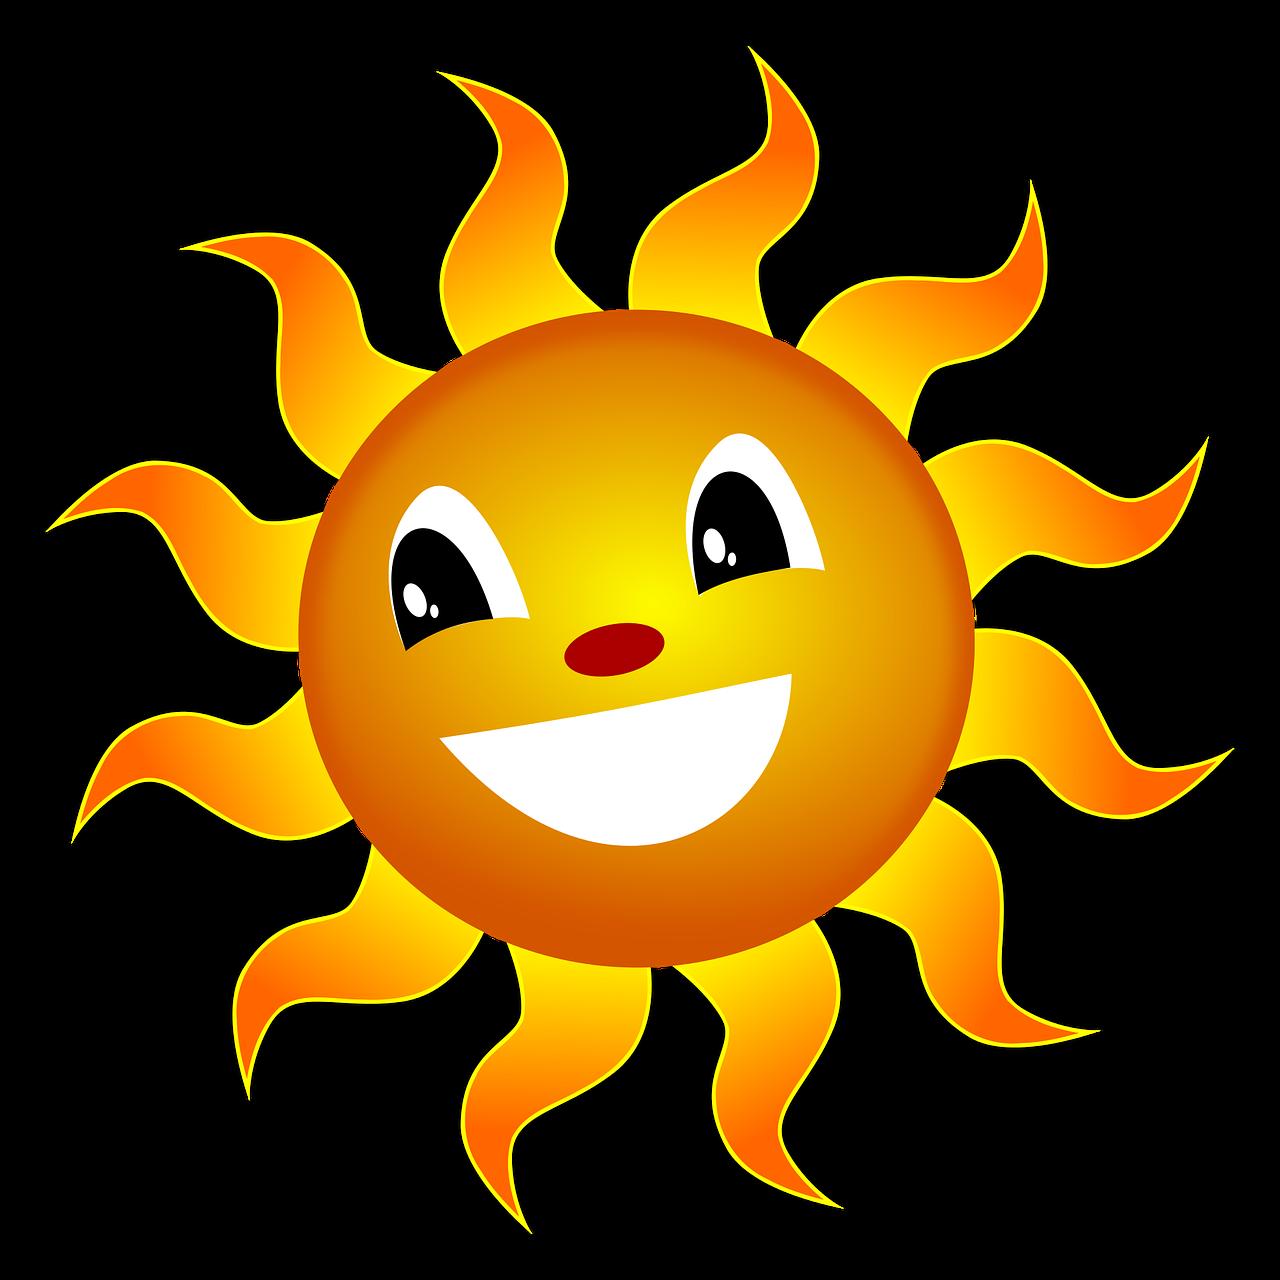 Картинки оранжевого солнышка